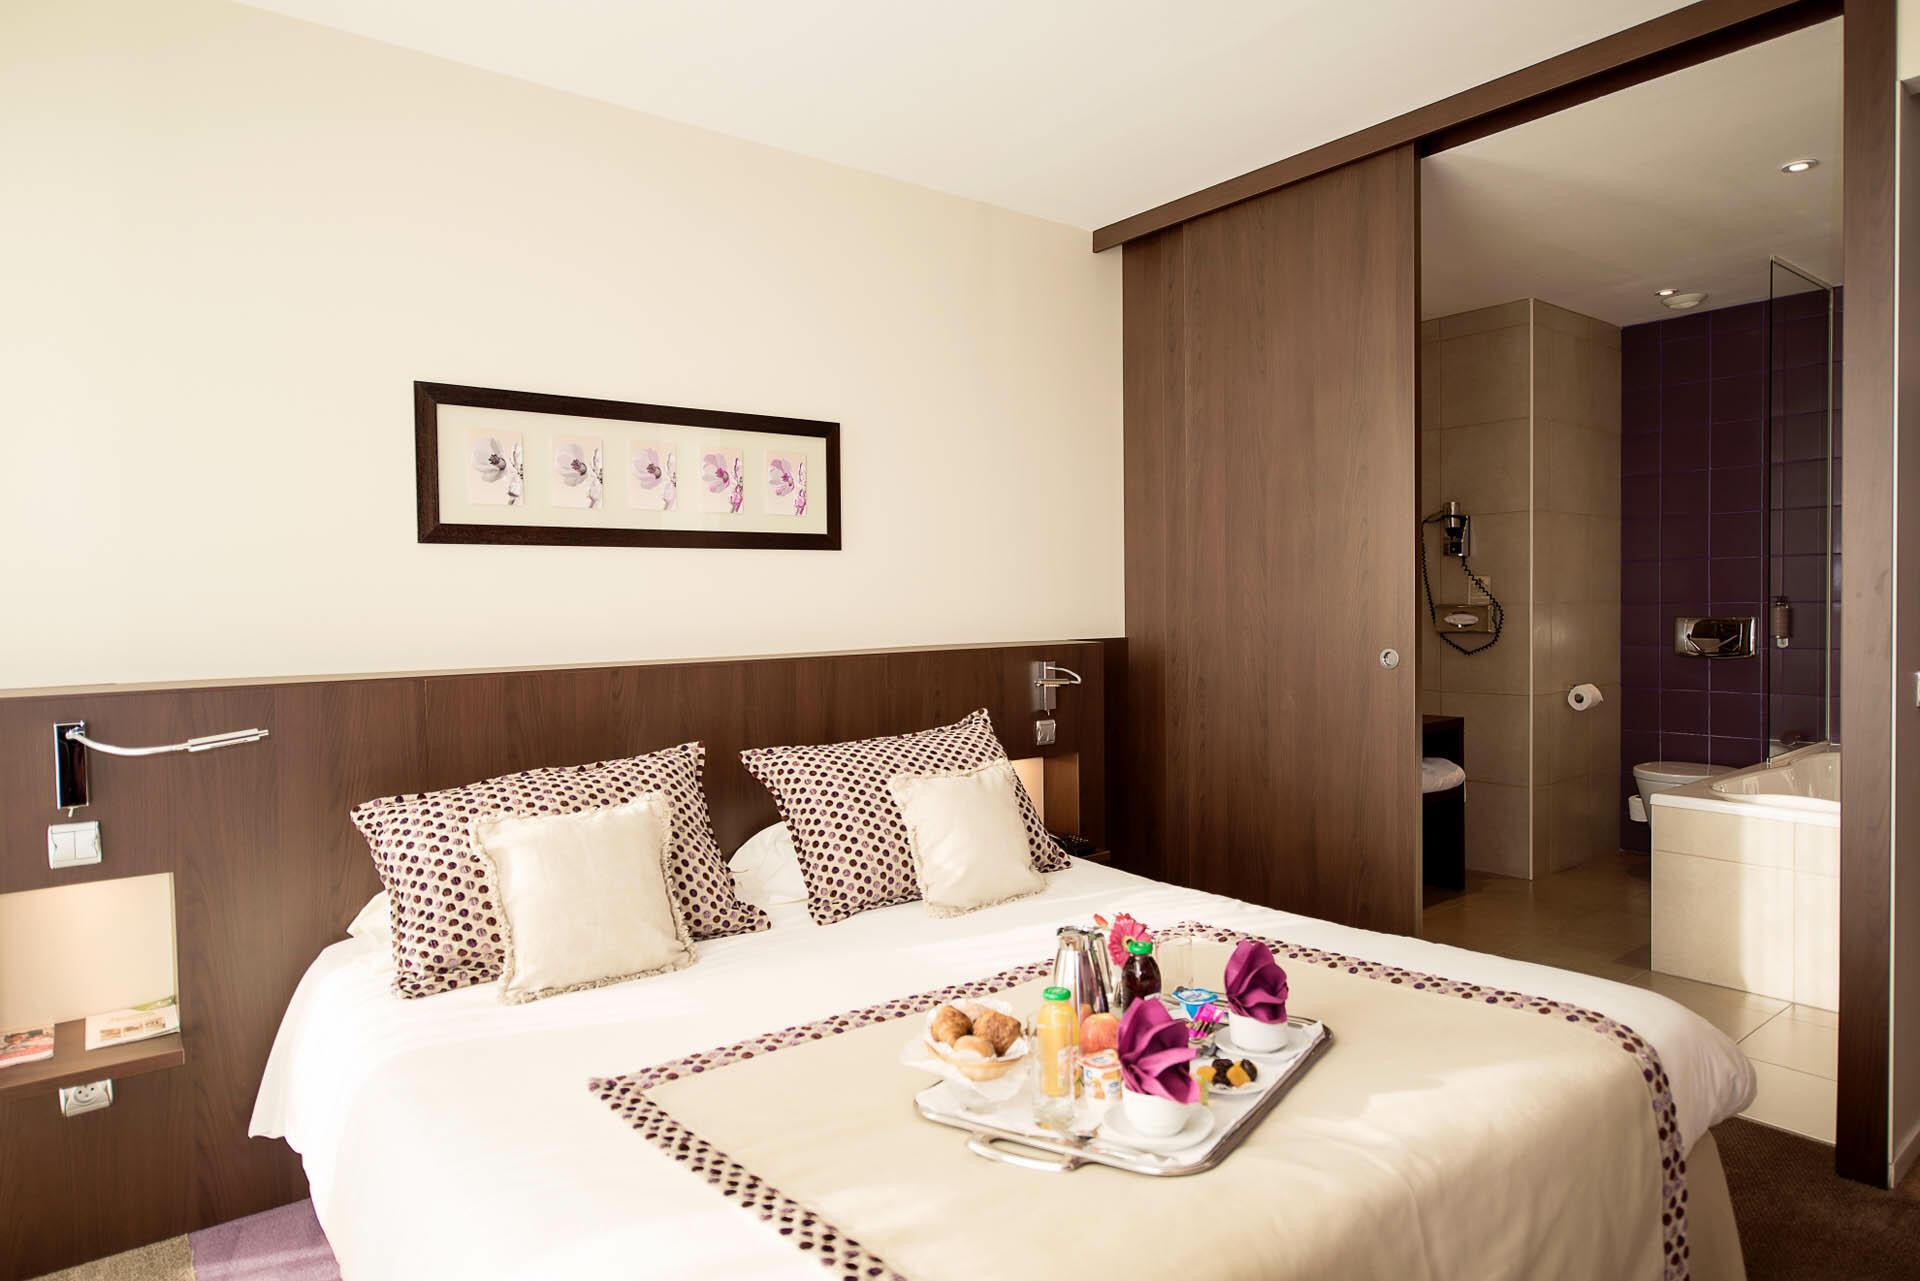 Comfort Room at Hôtel du Pasino in Saint-Amand-Les-Eaux, France